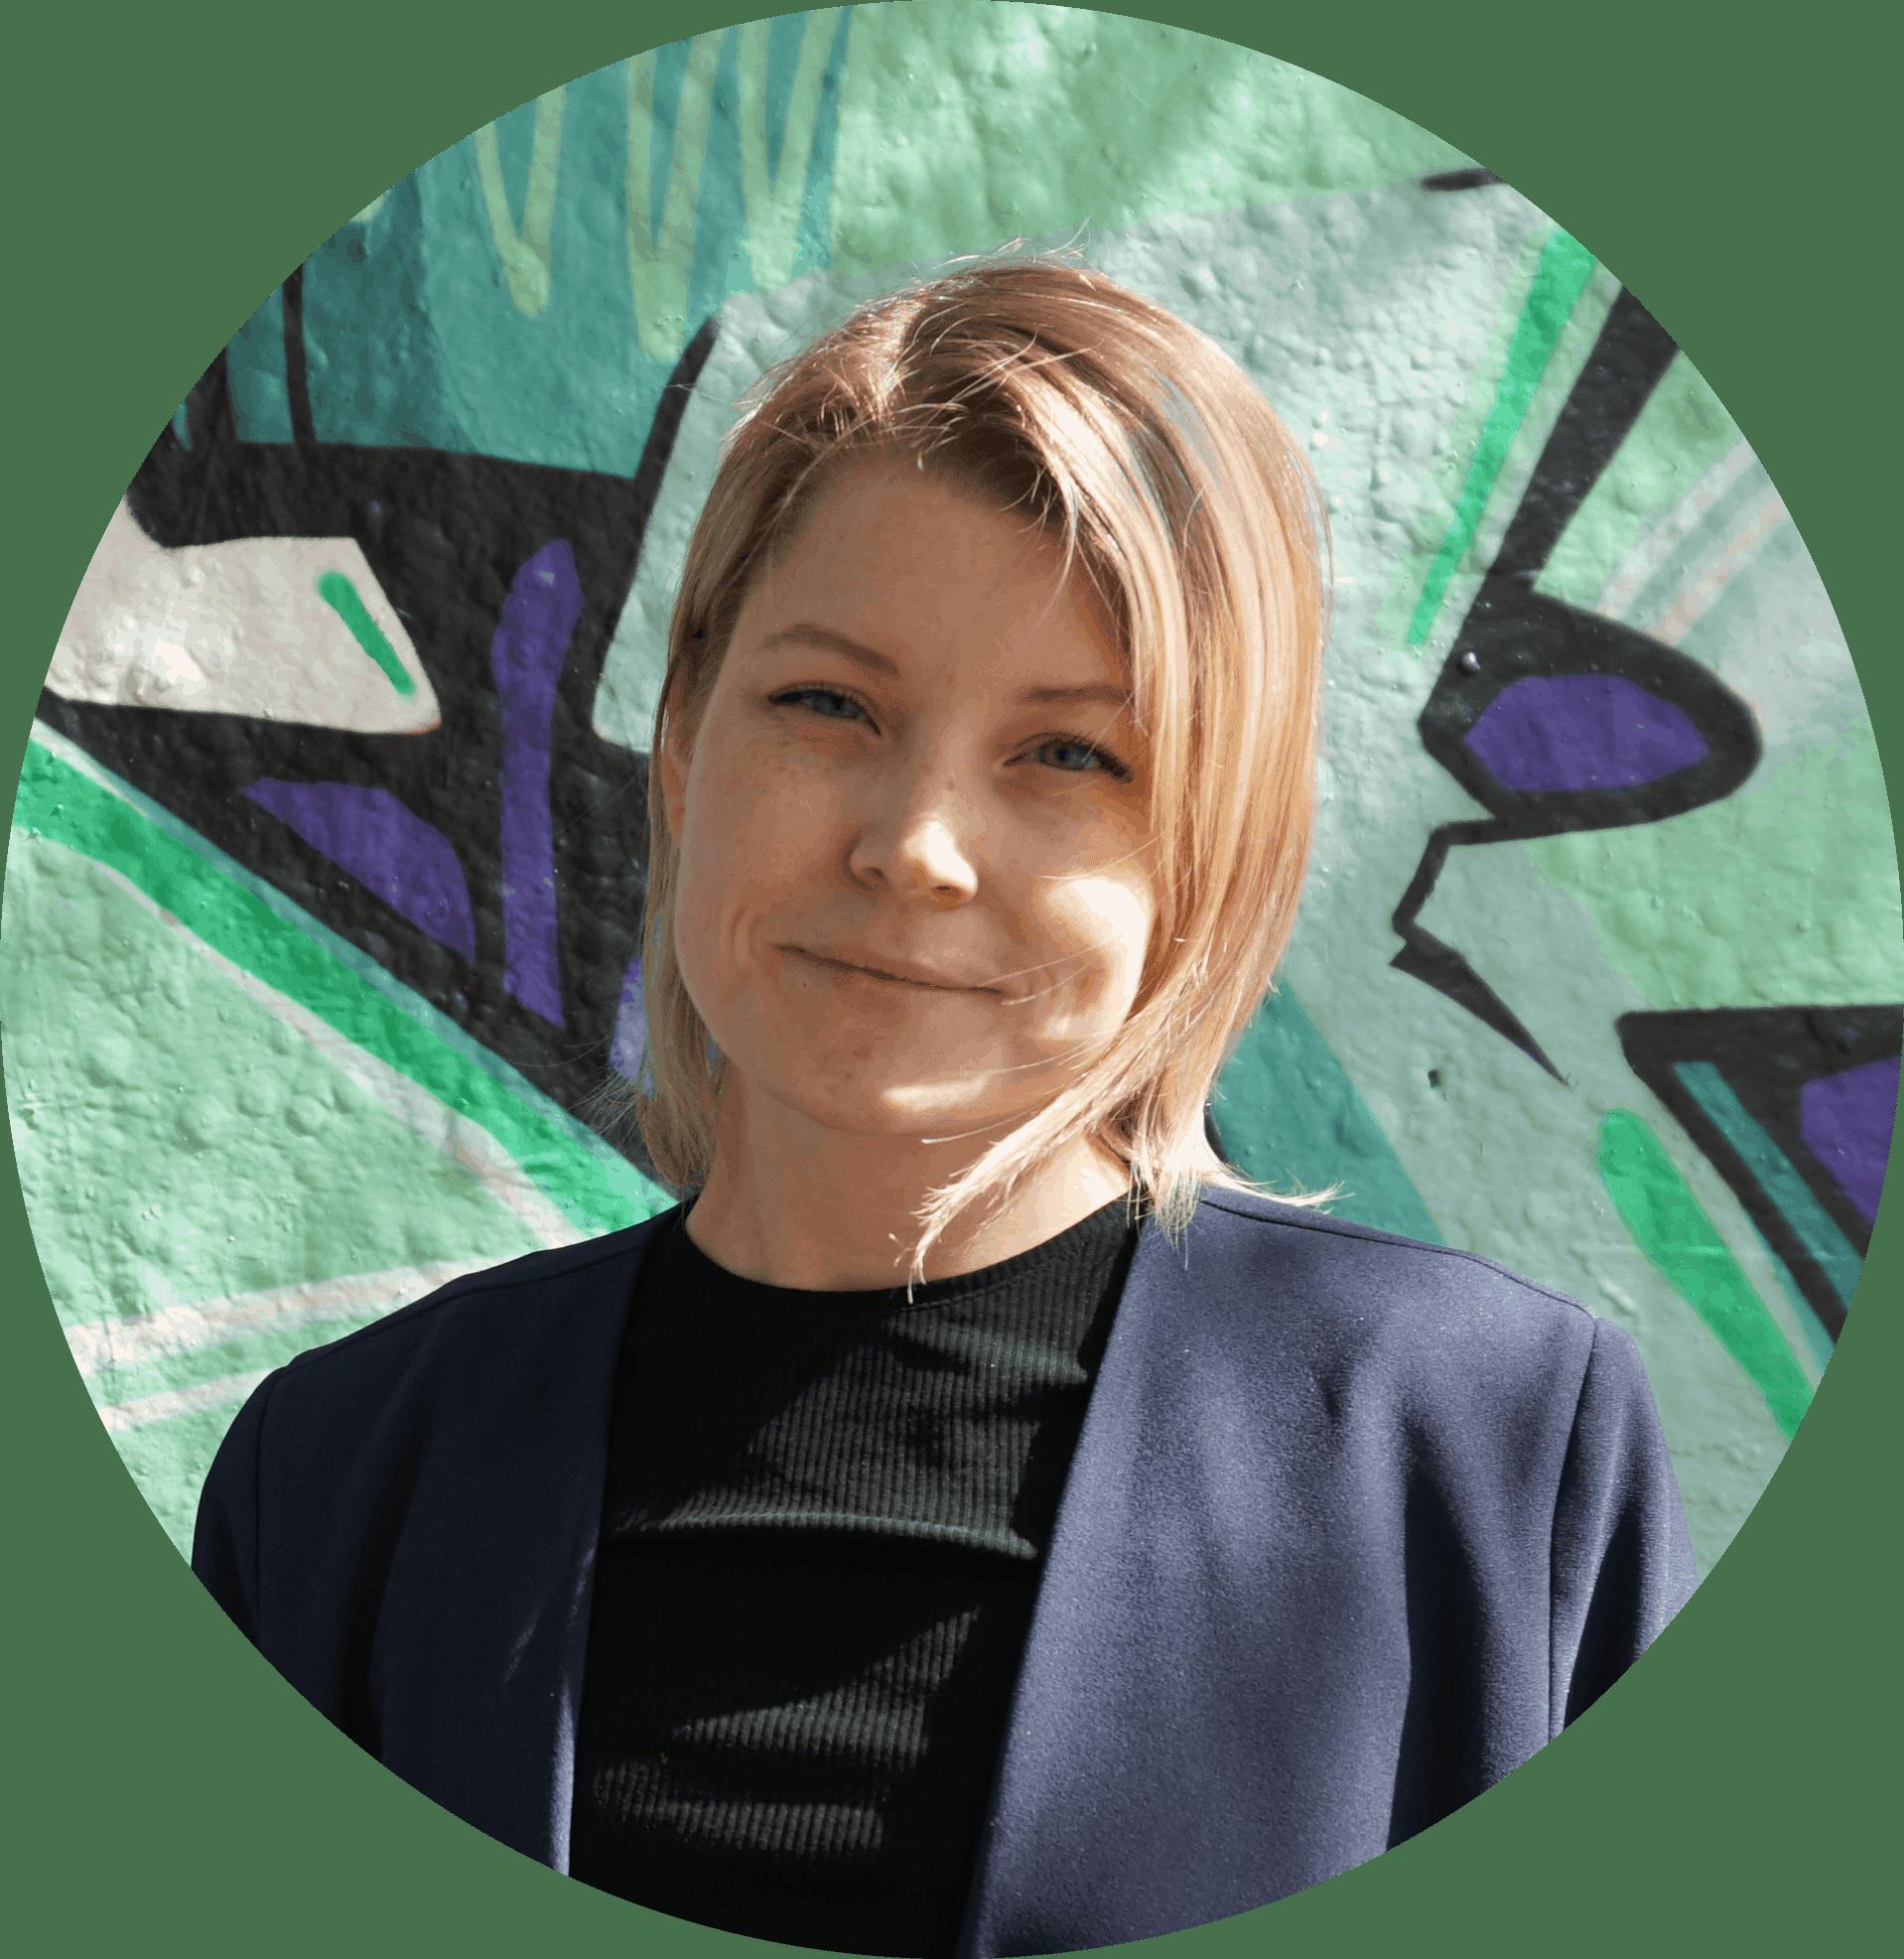 Anna Odehammar